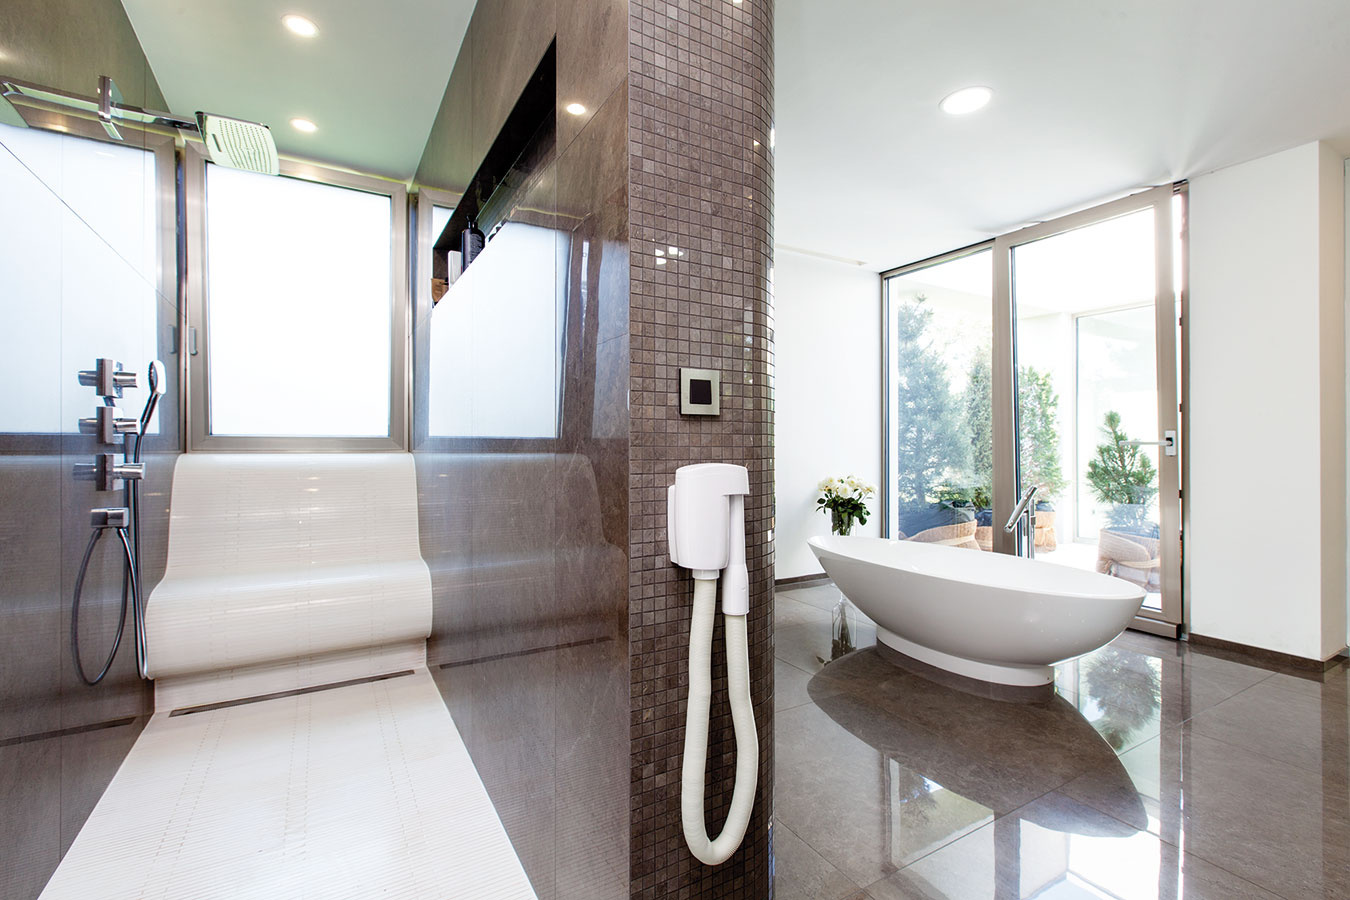 Kúpeľňa en suite sveľkorysými rozmermi, pohodlným sprchovacím kútom aj výhľadom do chráneného bočného patia je súčasťou spálňovej zóny na prízemí.